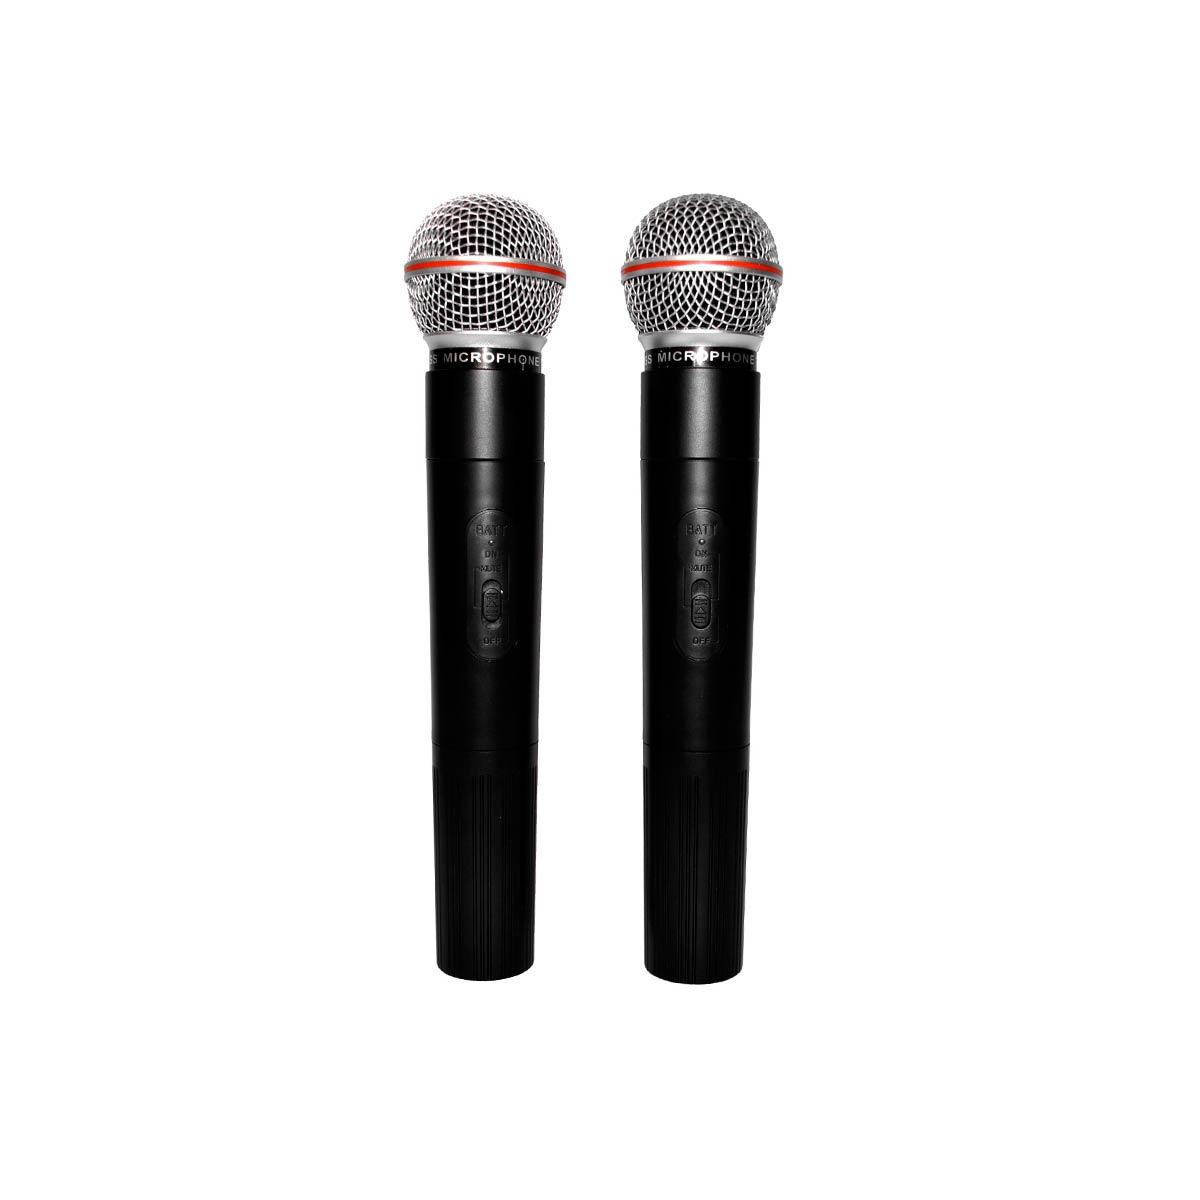 LC202 - Microfone s/ Fio Duplo de M�o LC 202 - Leacs